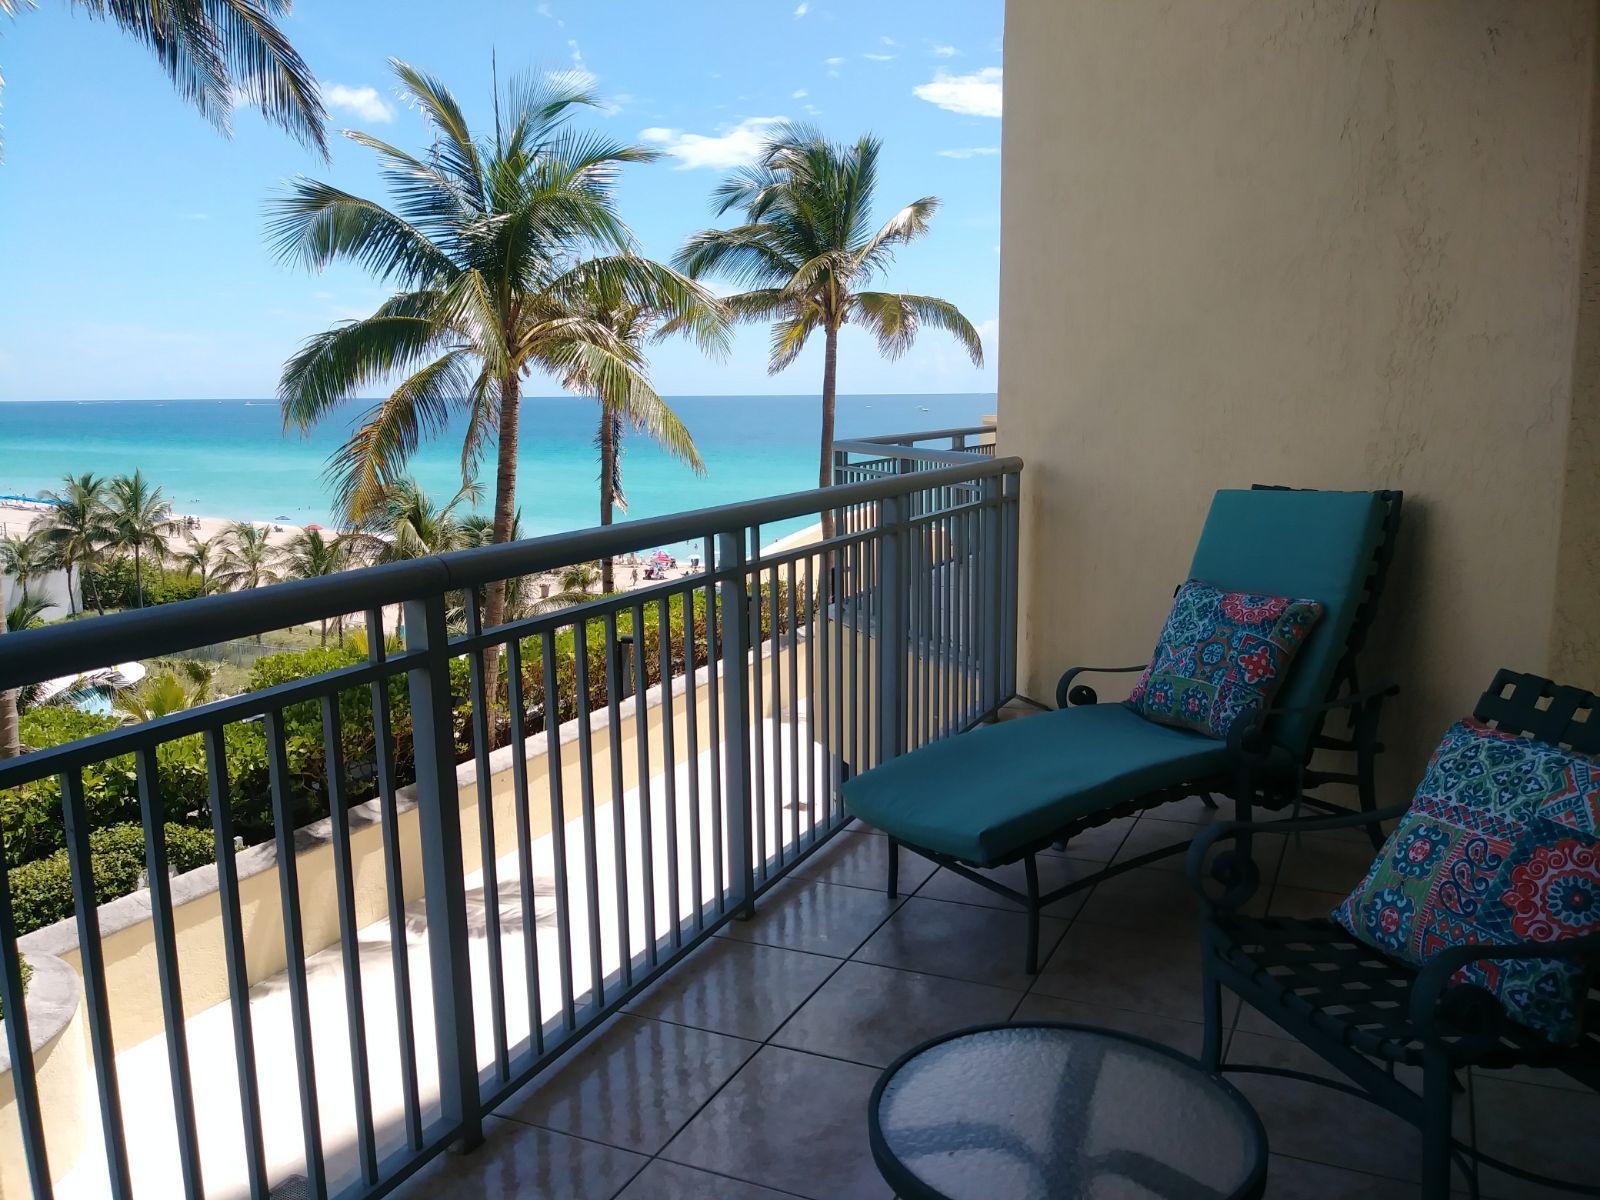 Apartamento 2 Dormitorios / 2 Baños Vista al Mar hasta 6 Pax